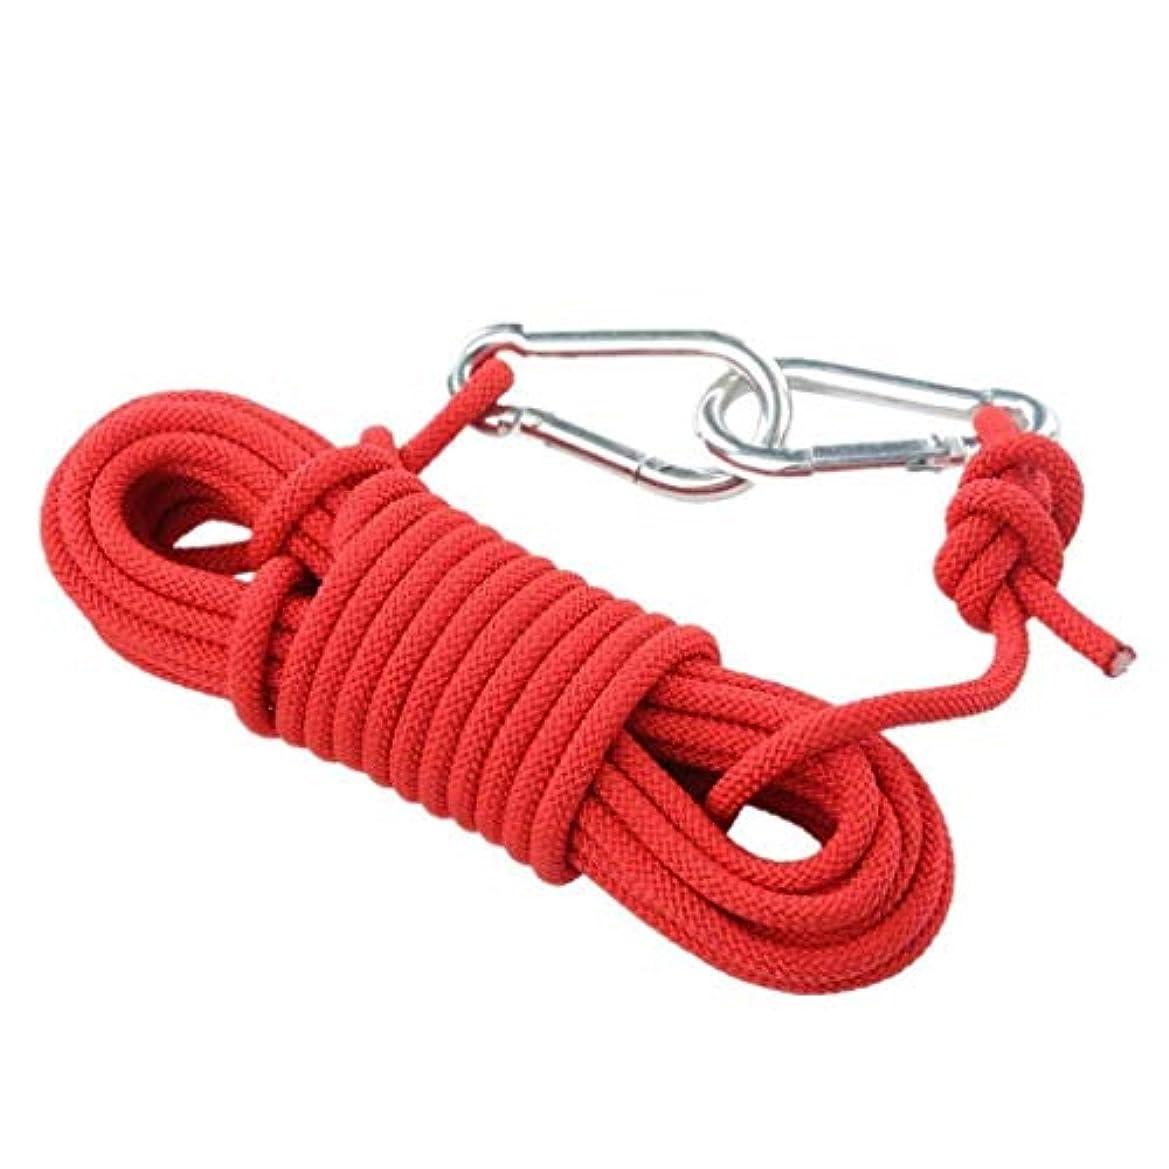 類推九月コーヒー登山ロープの家の火の緊急脱出ロープ、ハイキングの洞窟探検のキャンプの救助調査および工学保護のための多機能のコードの安全ロープ。 (Color : 赤, Size : 15m)